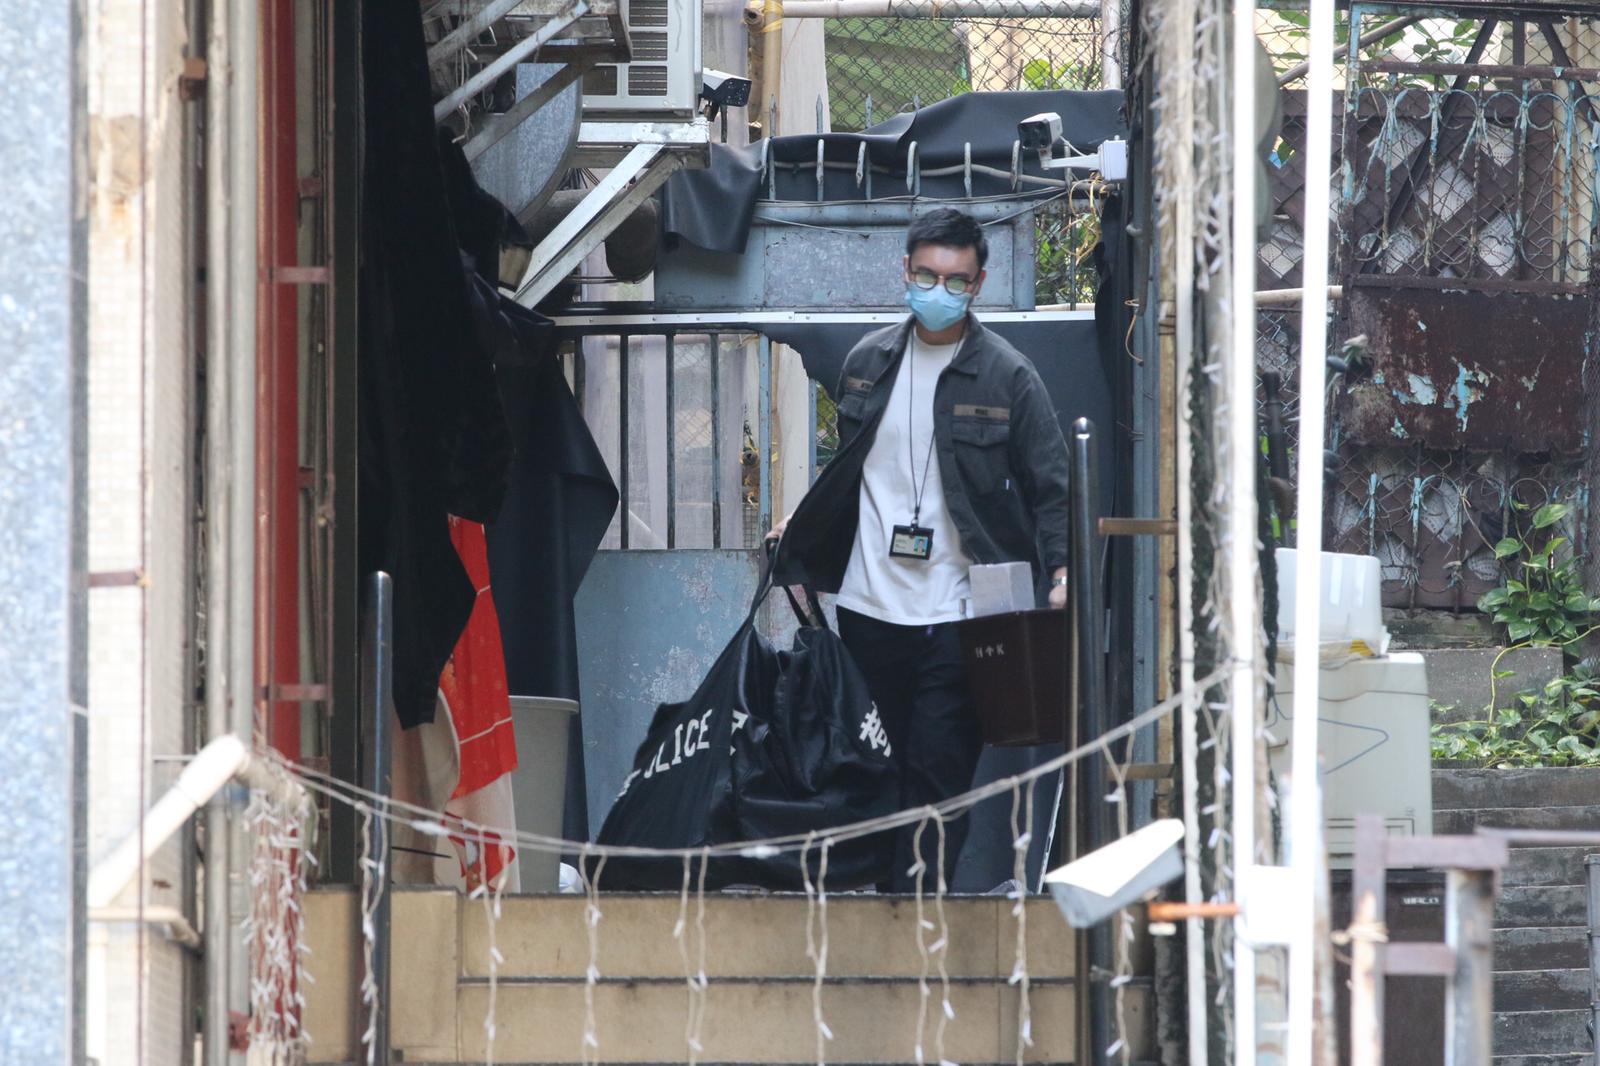 警方此前指經初步調查相信,是兩批不同黑幫背景的人,在酒吧消遣期間發生肢體碰撞發生口角,繼而動武,再用場內硬物互相毆鬥。(大公文匯全媒體記者攝)